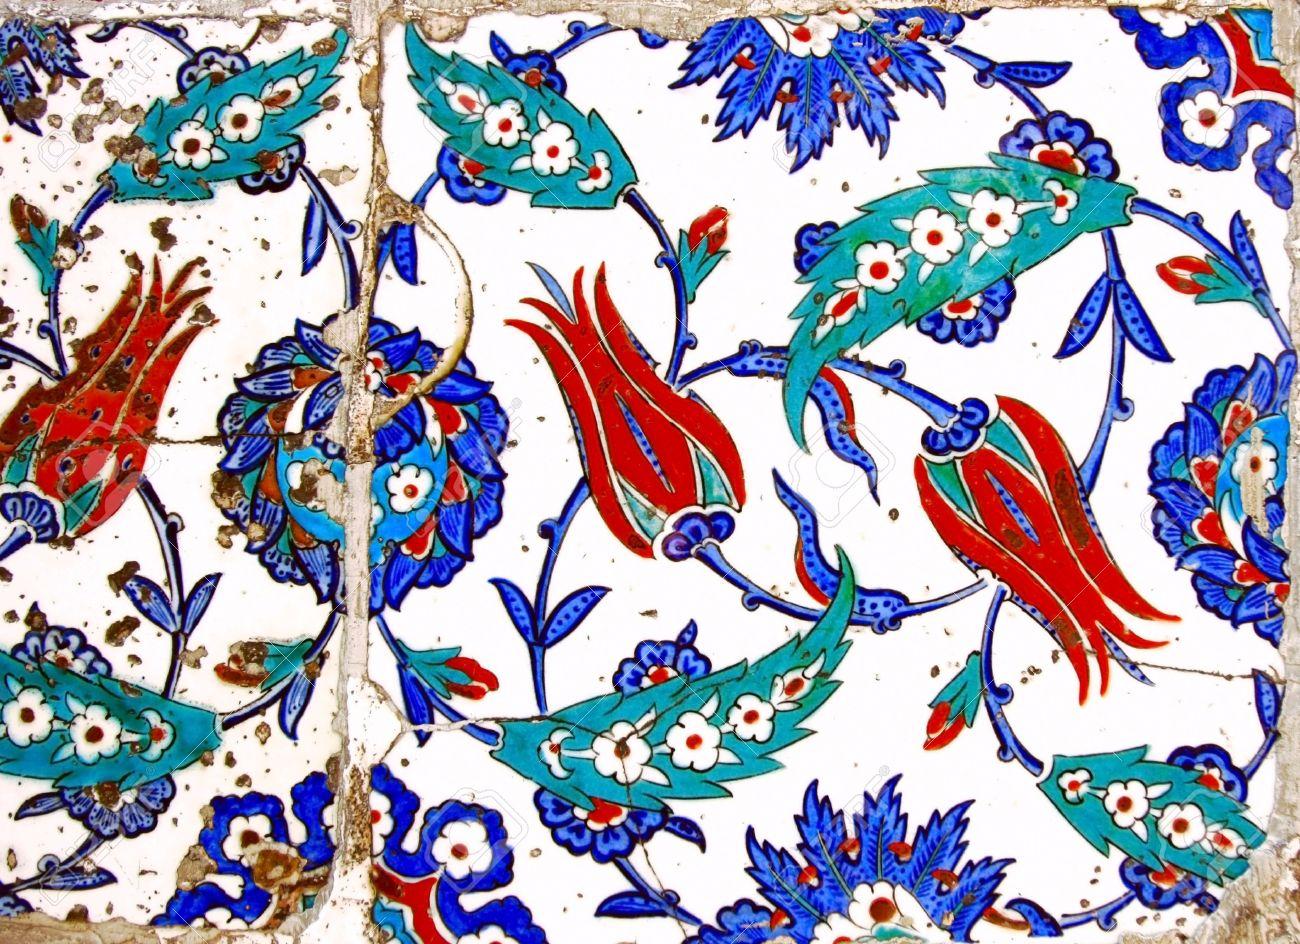 Alte Handgefertigte Türkische Fliesen Lizenzfreie Fotos Bilder Und - Fliesen auf türkisch